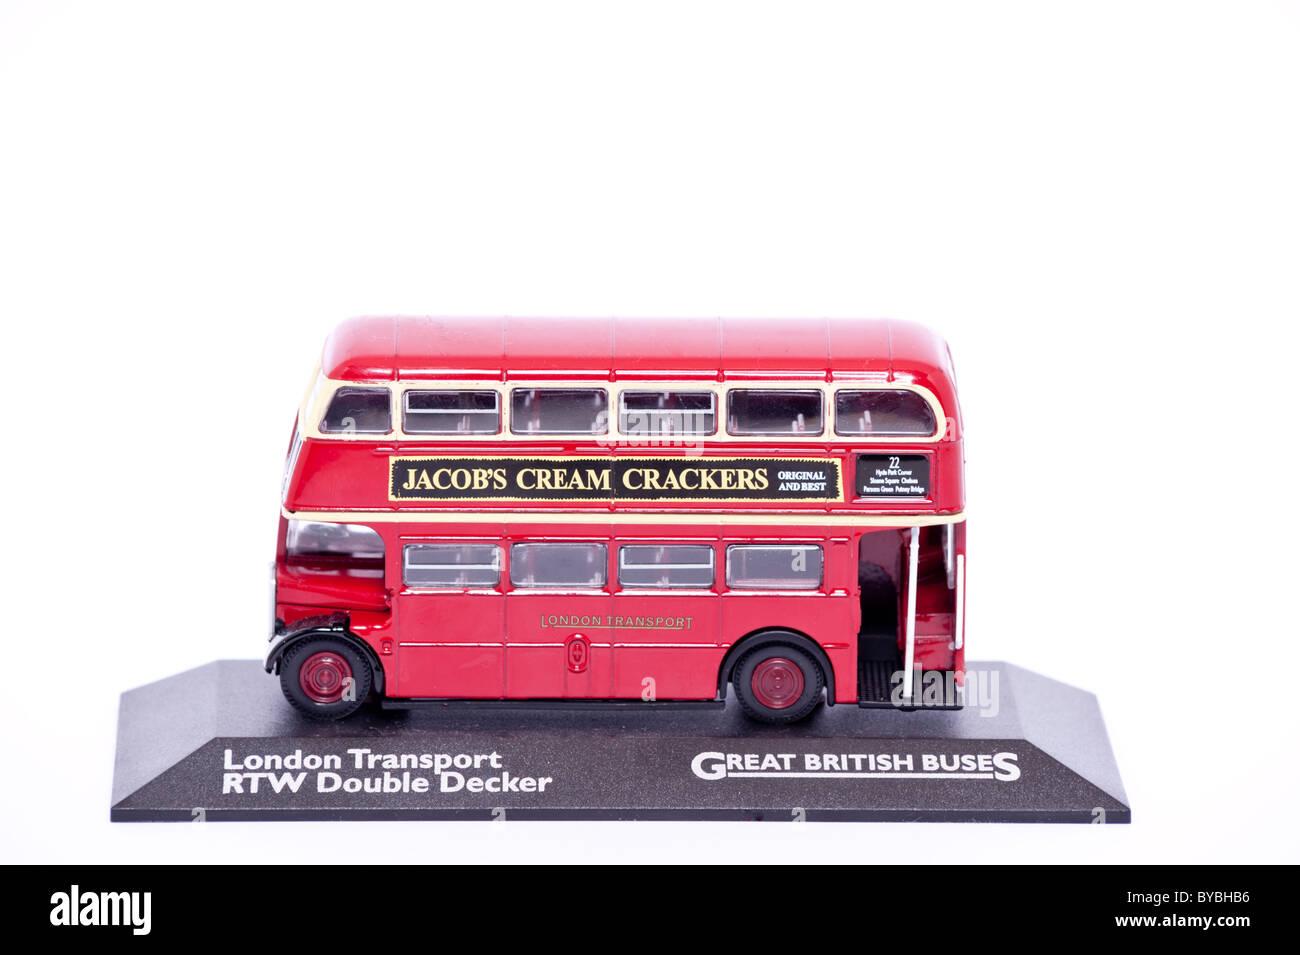 Ein Spielzeug-Modell-Doppeldecker-Bus auf einem weißen Hintergrund Stockbild